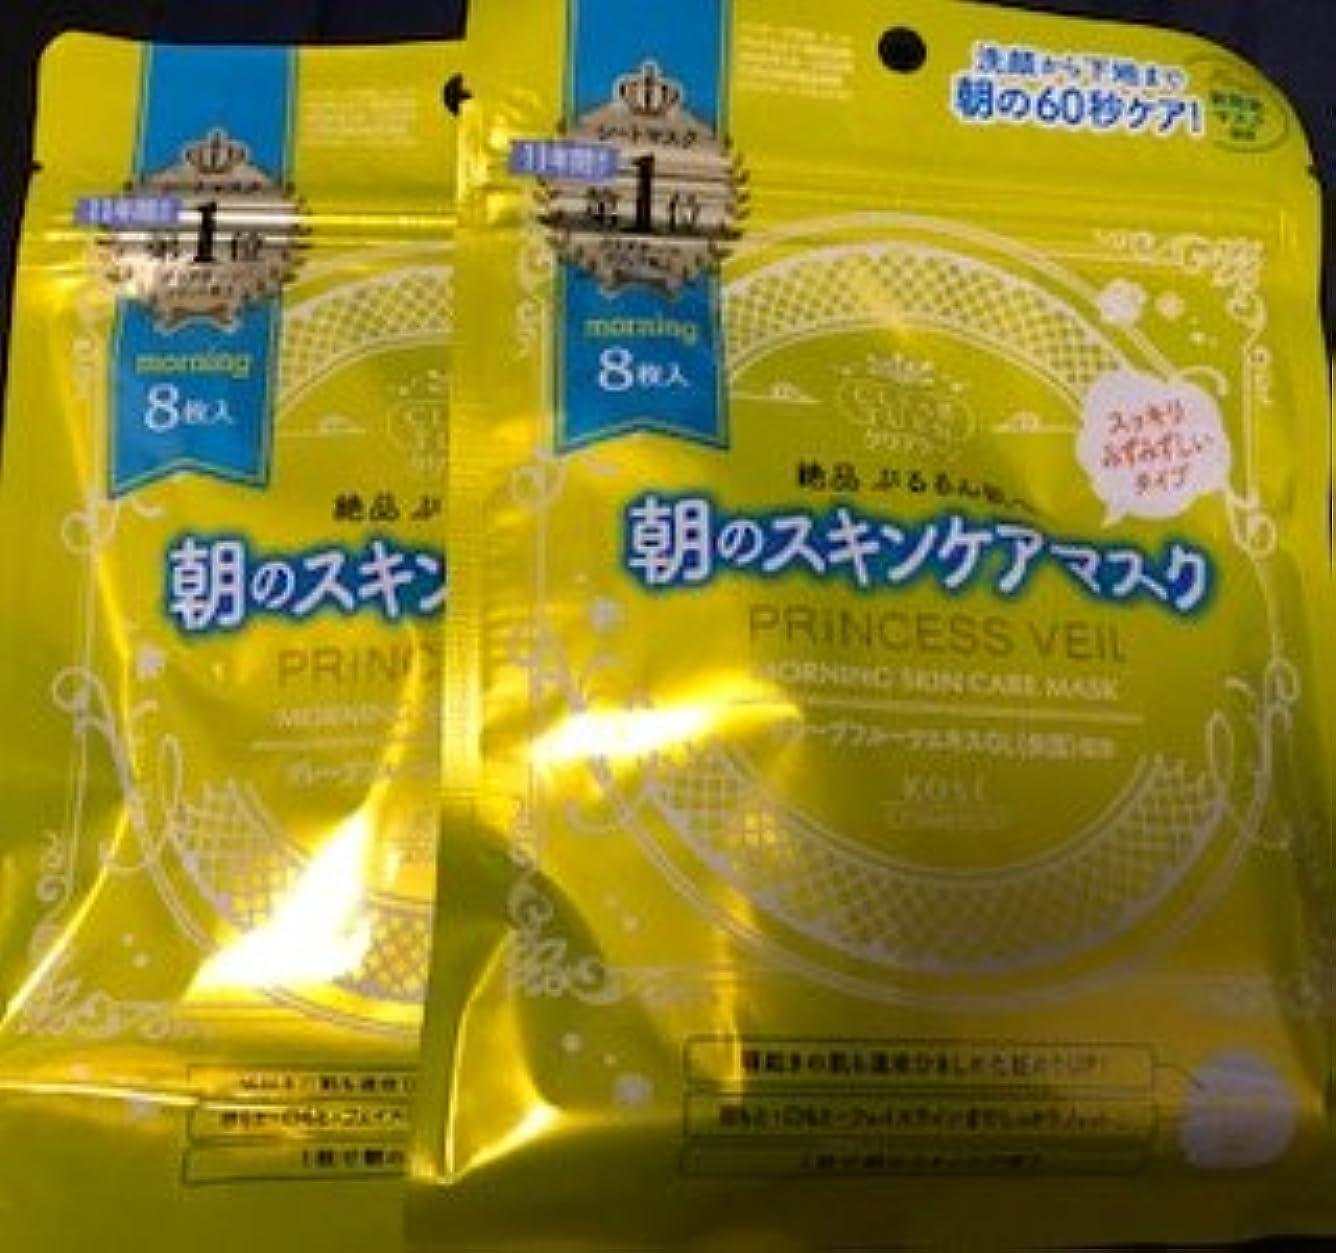 シンカン優勢ゆりかご[セット品]KOSE クリアターン プリンセスヴェール モーニング スキンケア マスク 8枚入 ×お買い得2個セット